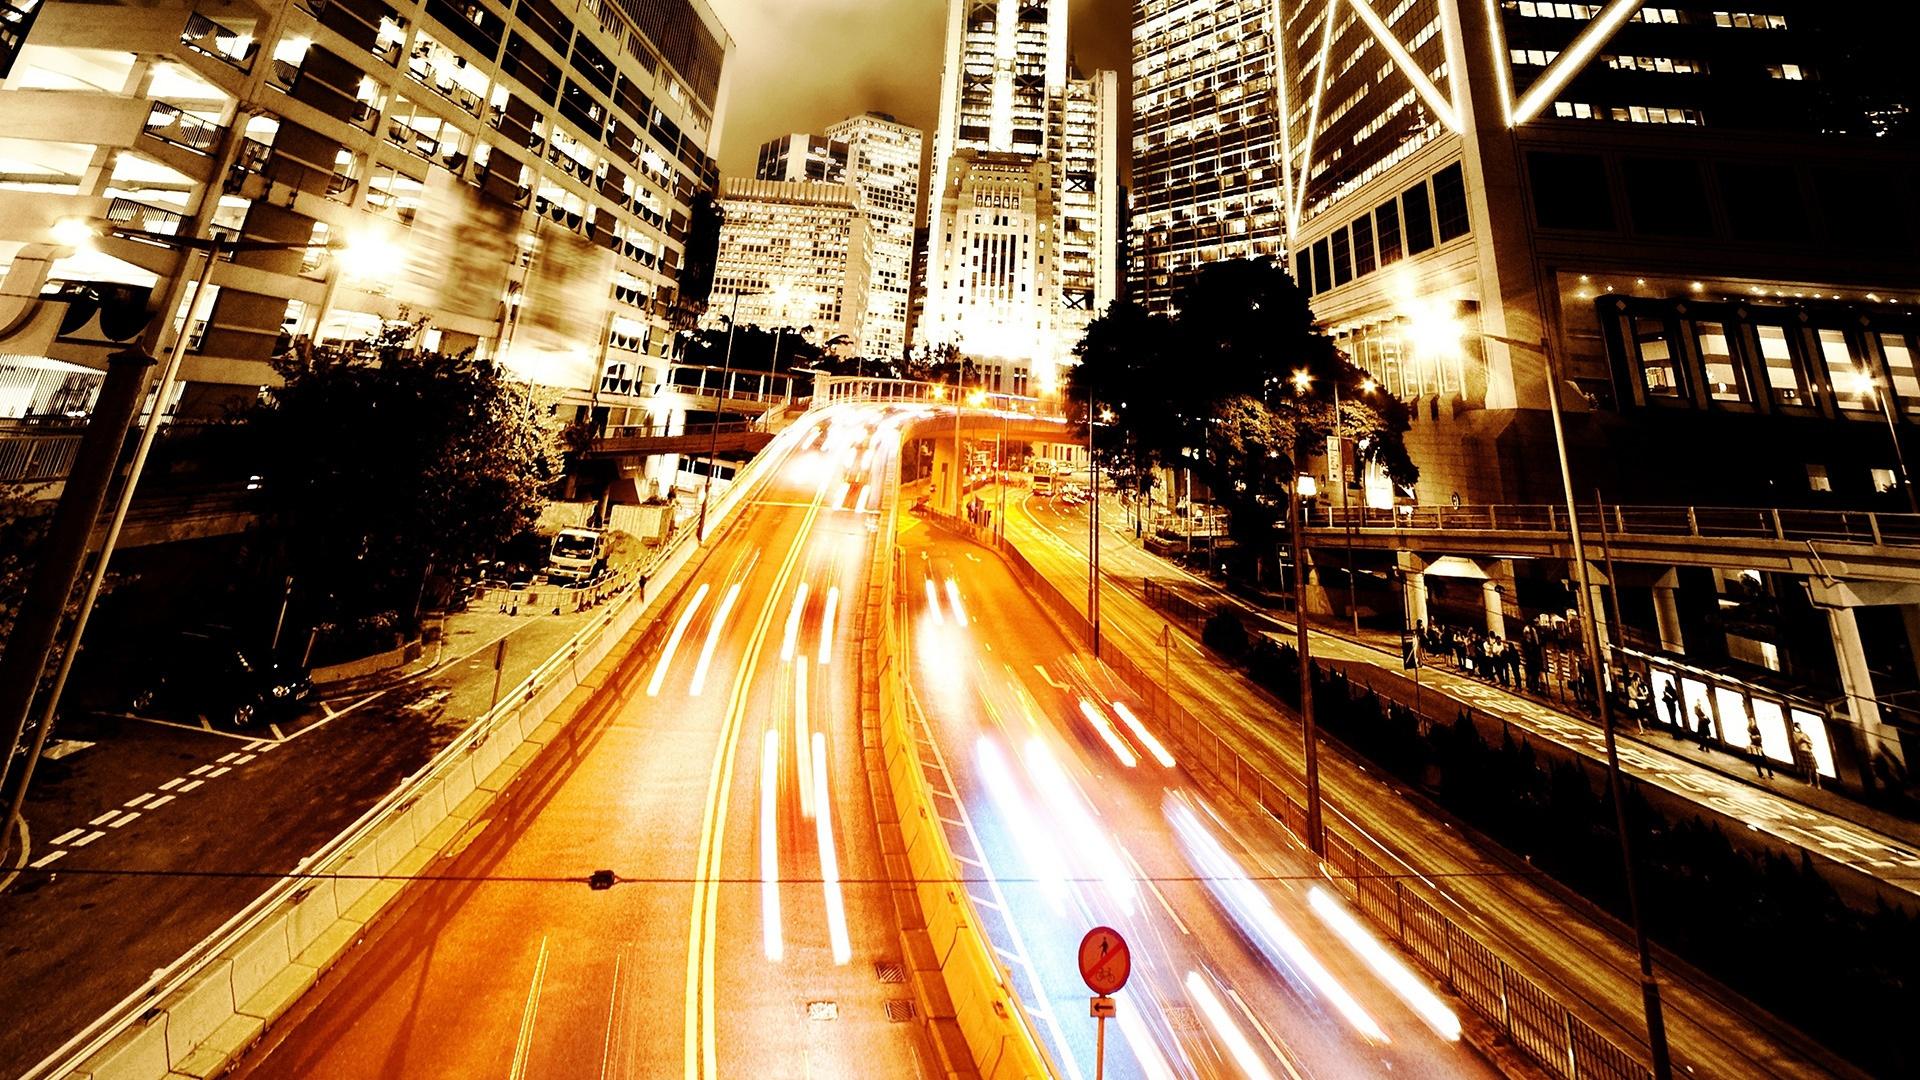 светящийся мегаполис в хорошем качестве